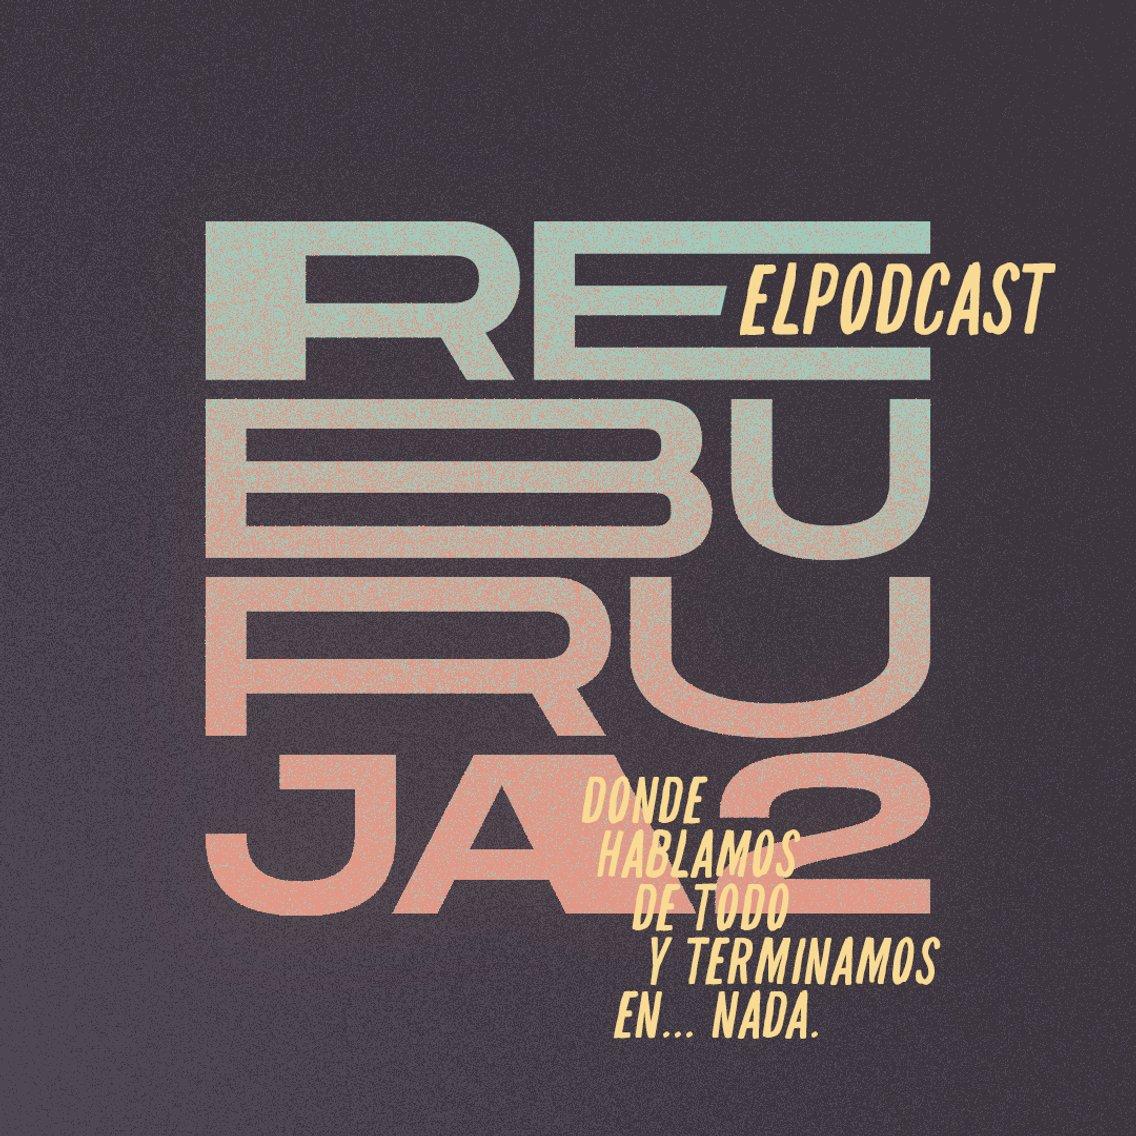 Reburuja2 - imagen de portada